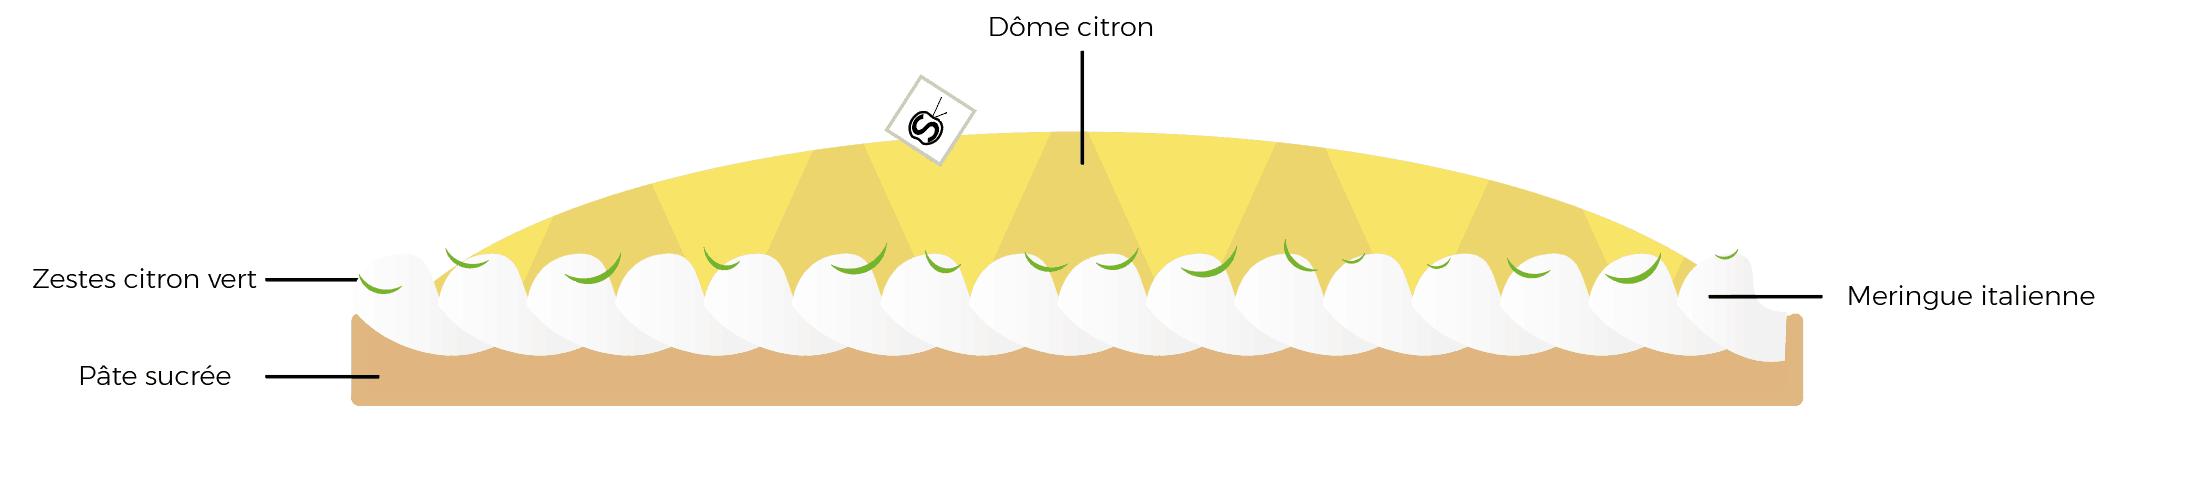 Epcot Citrus - tarte aux citron